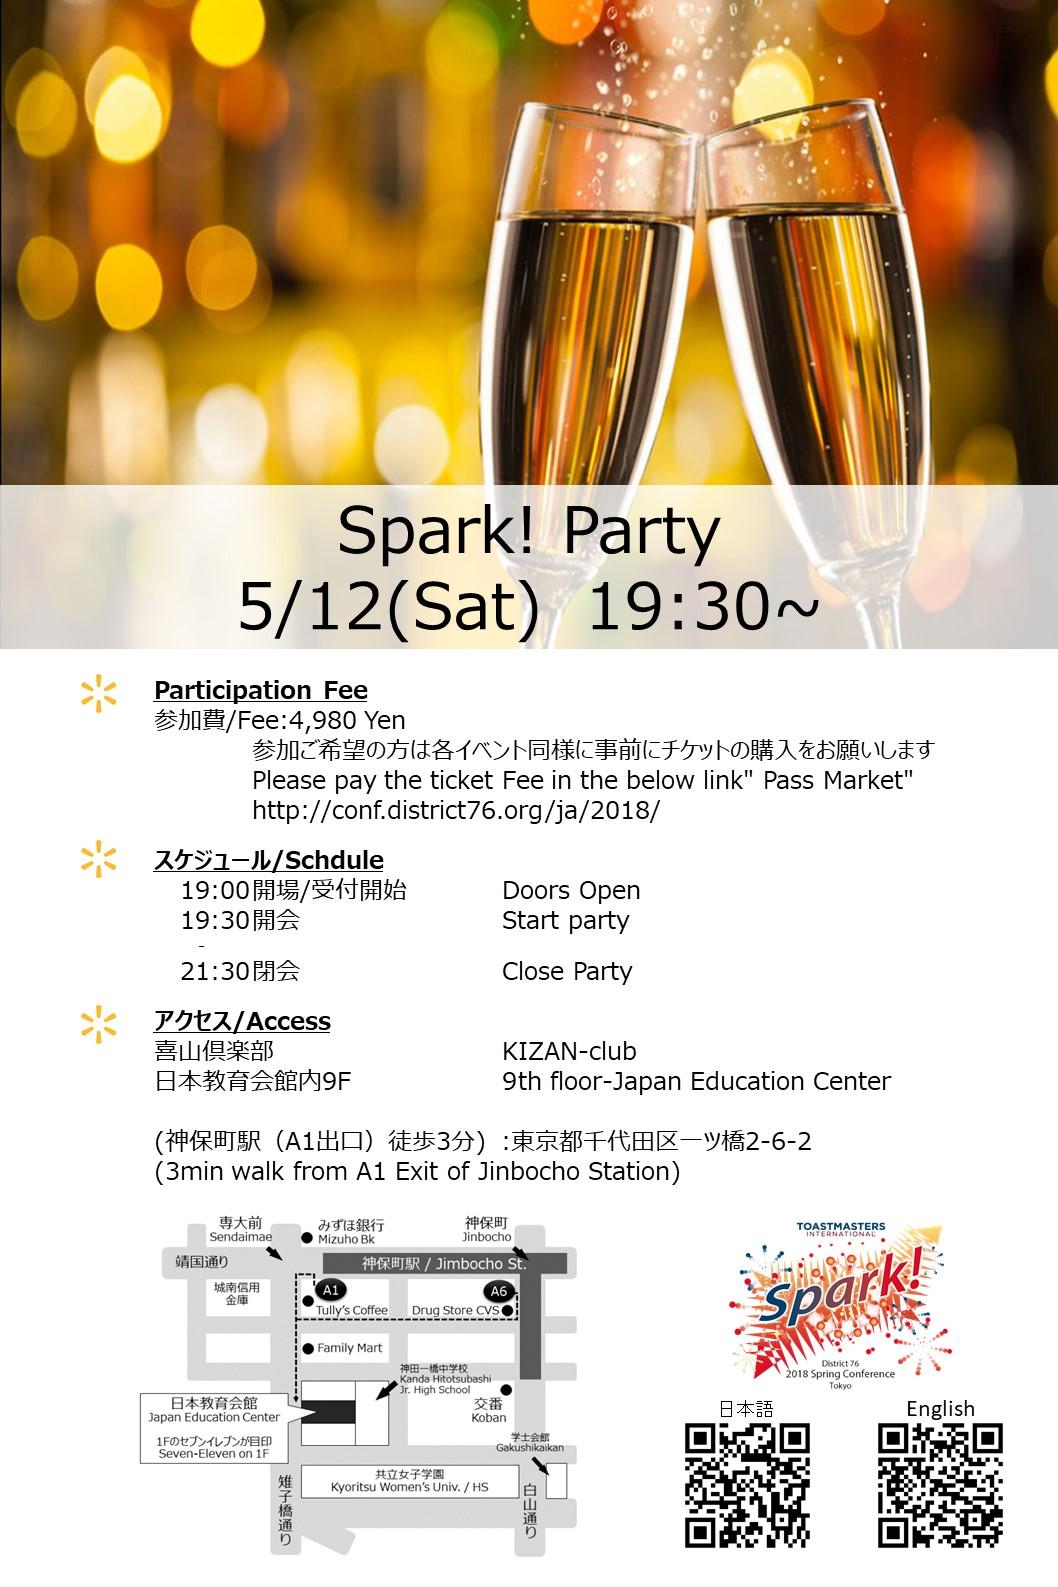 Spark! Party Movie